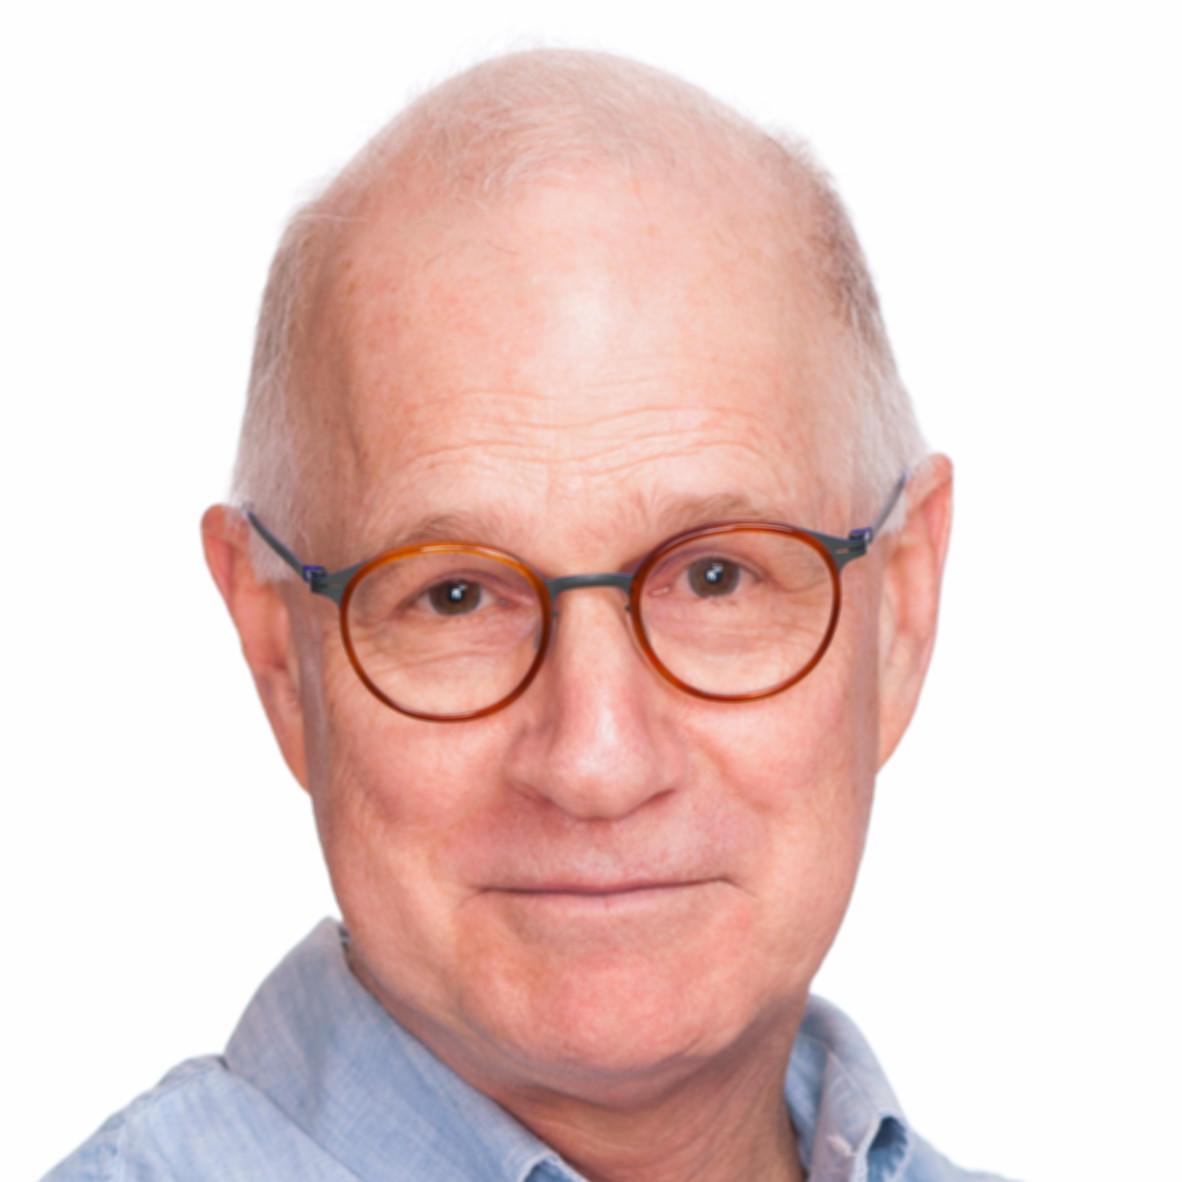 Steven Butler